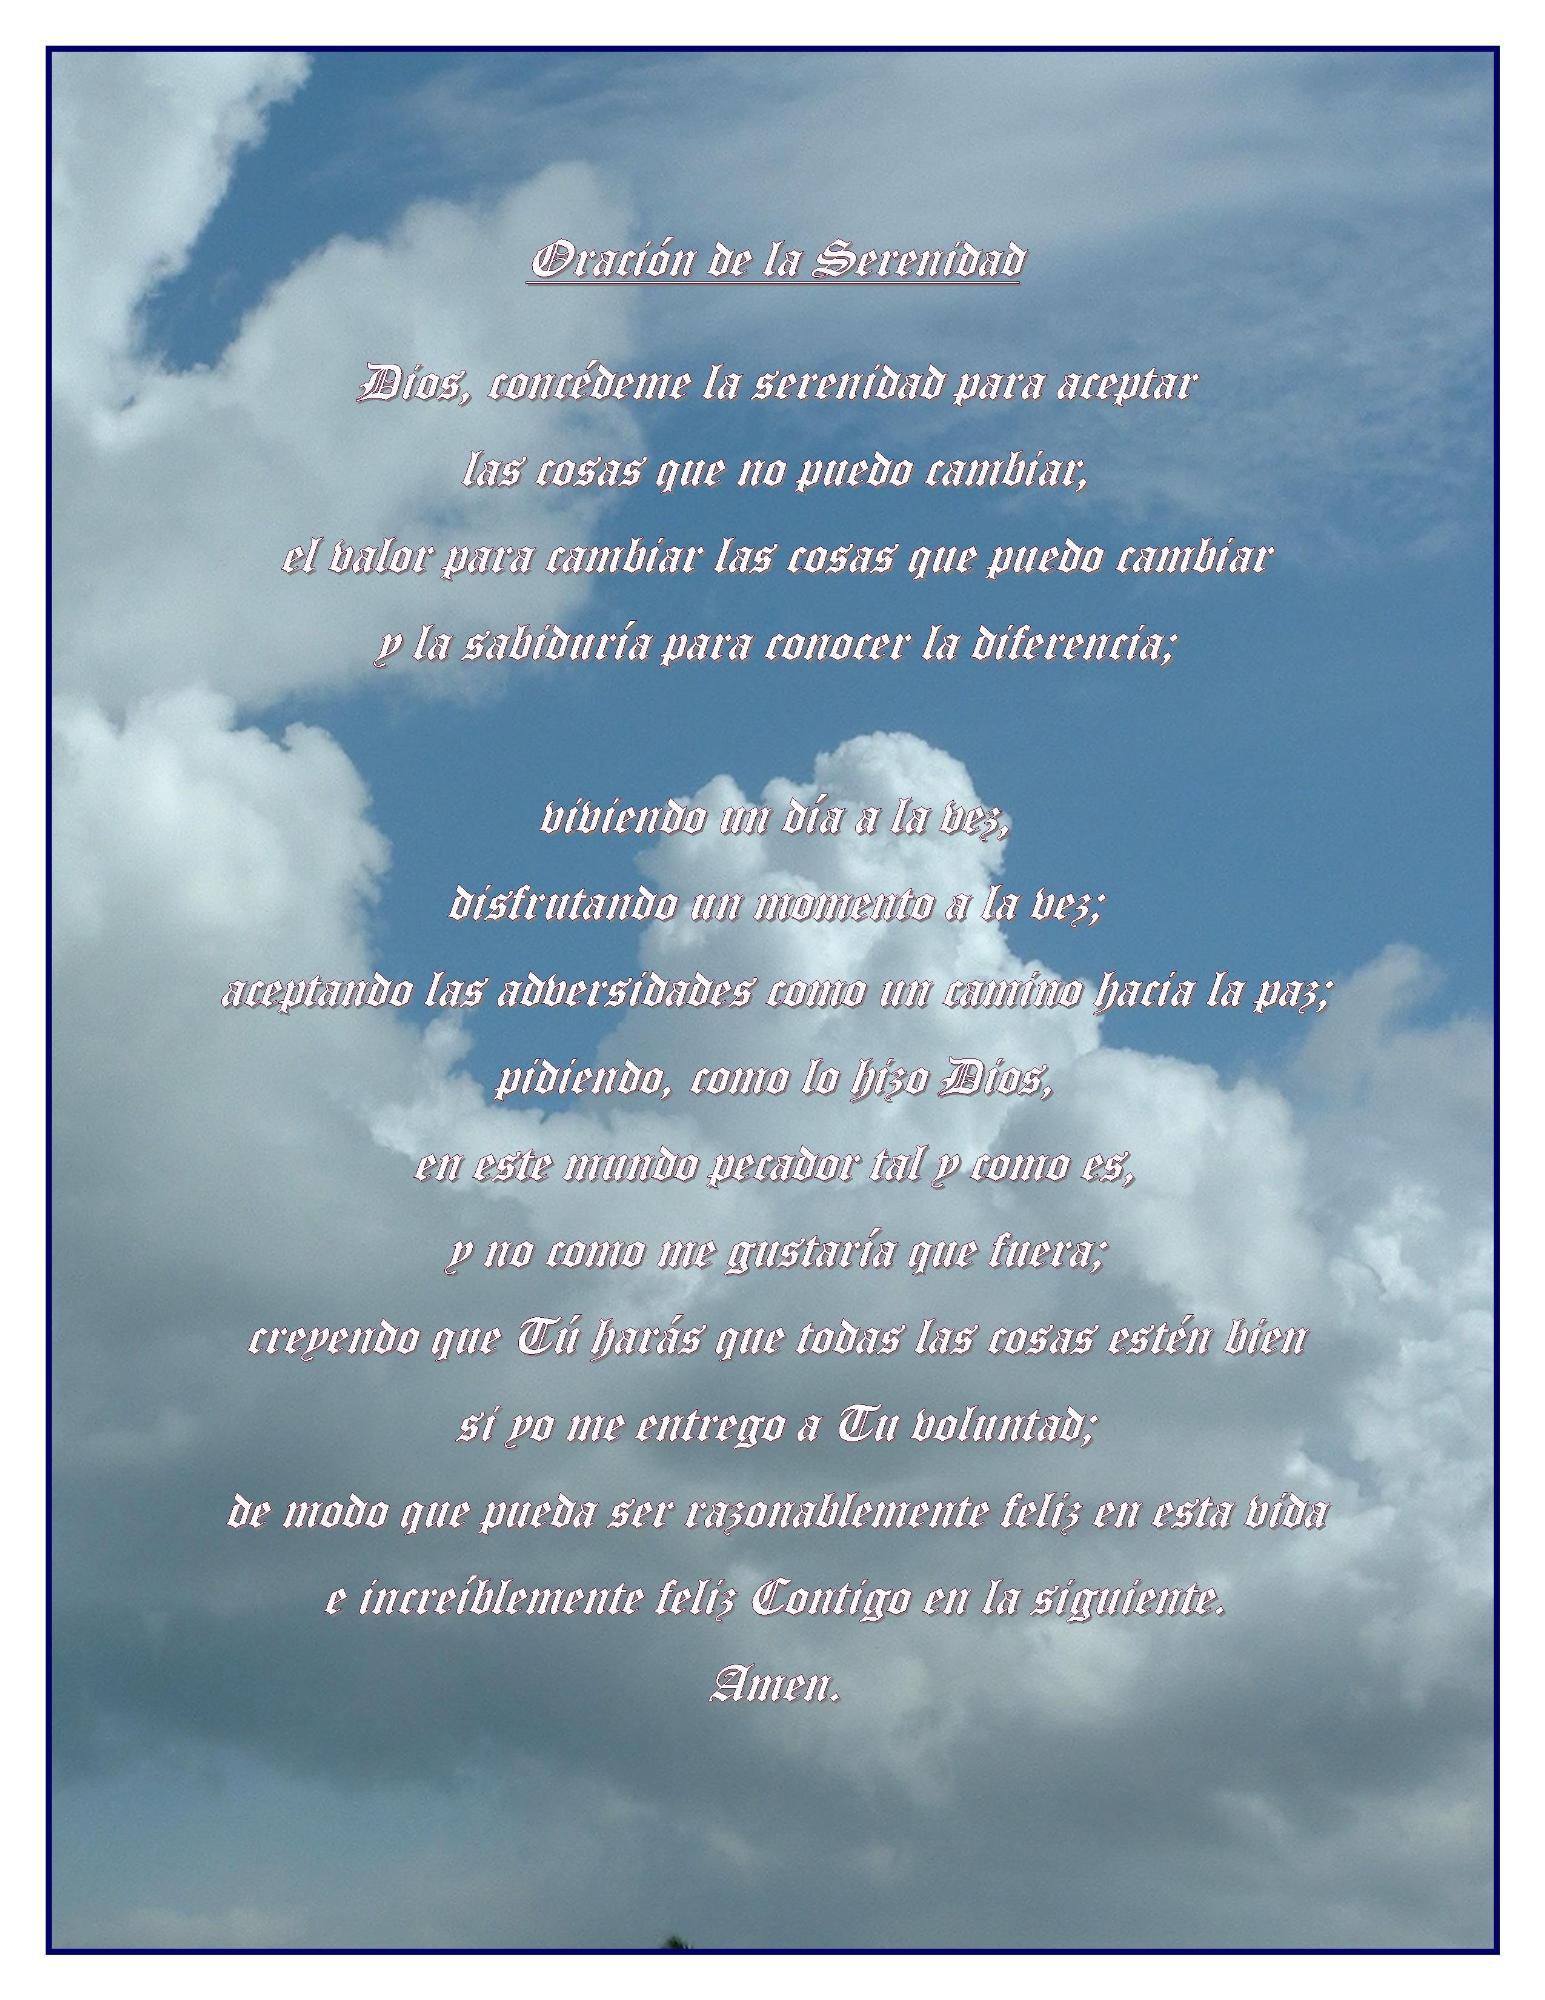 Serenity Prayer Spanish Tattoo